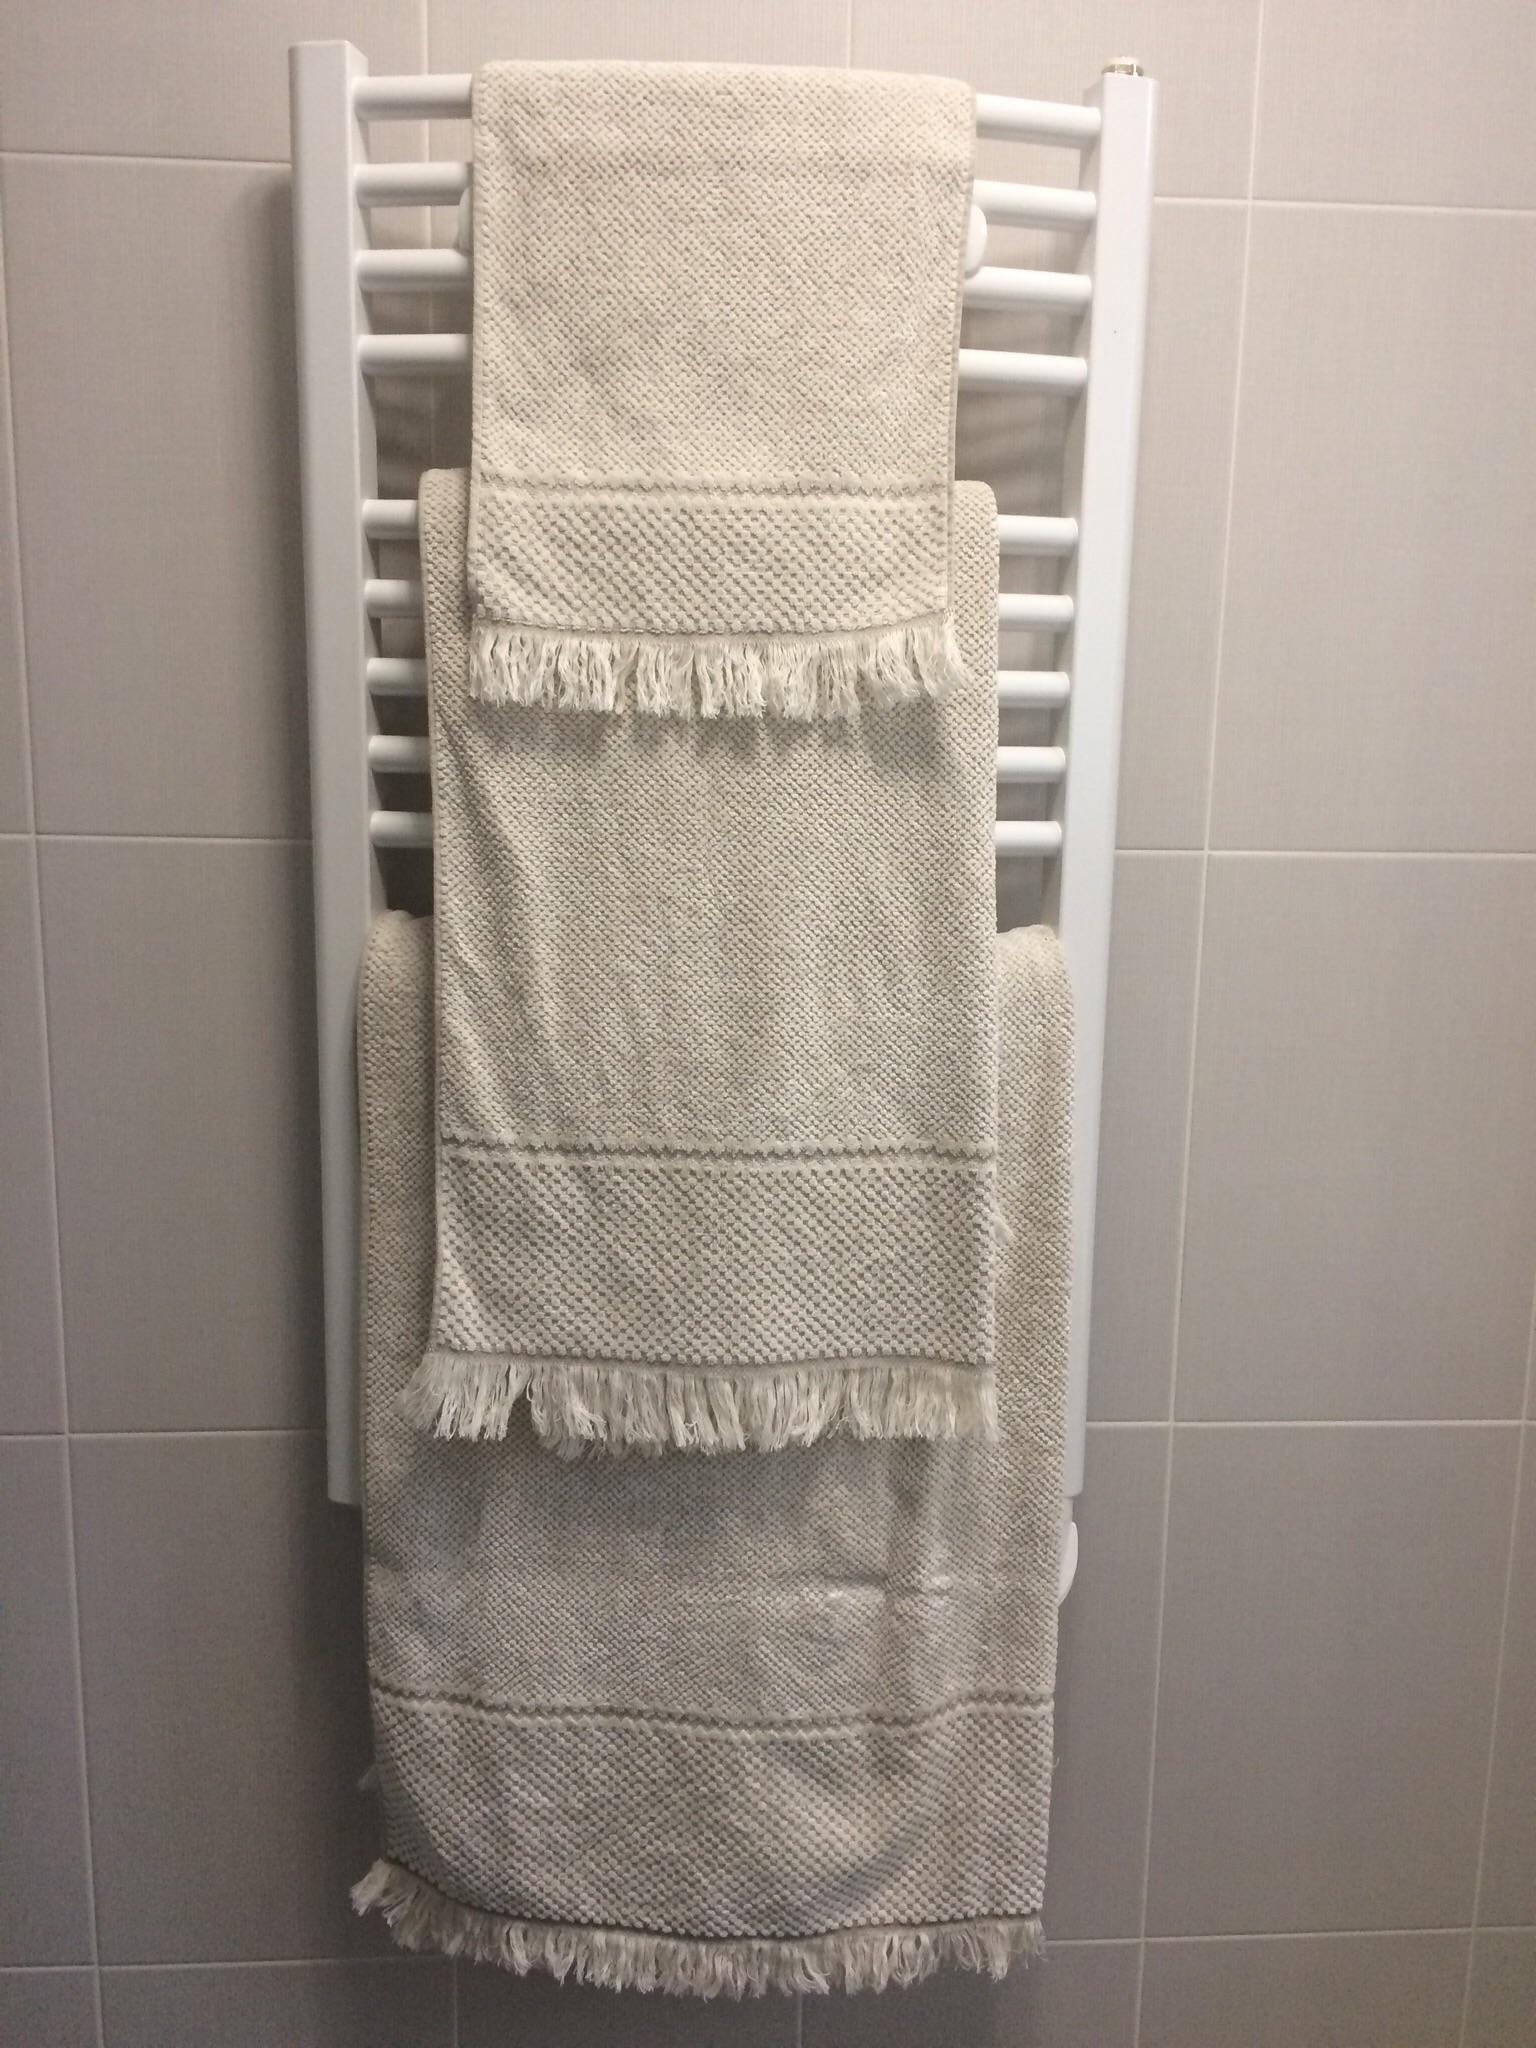 Serviette pour ma salle de bain blog z dio - Range serviette salle de bain ...